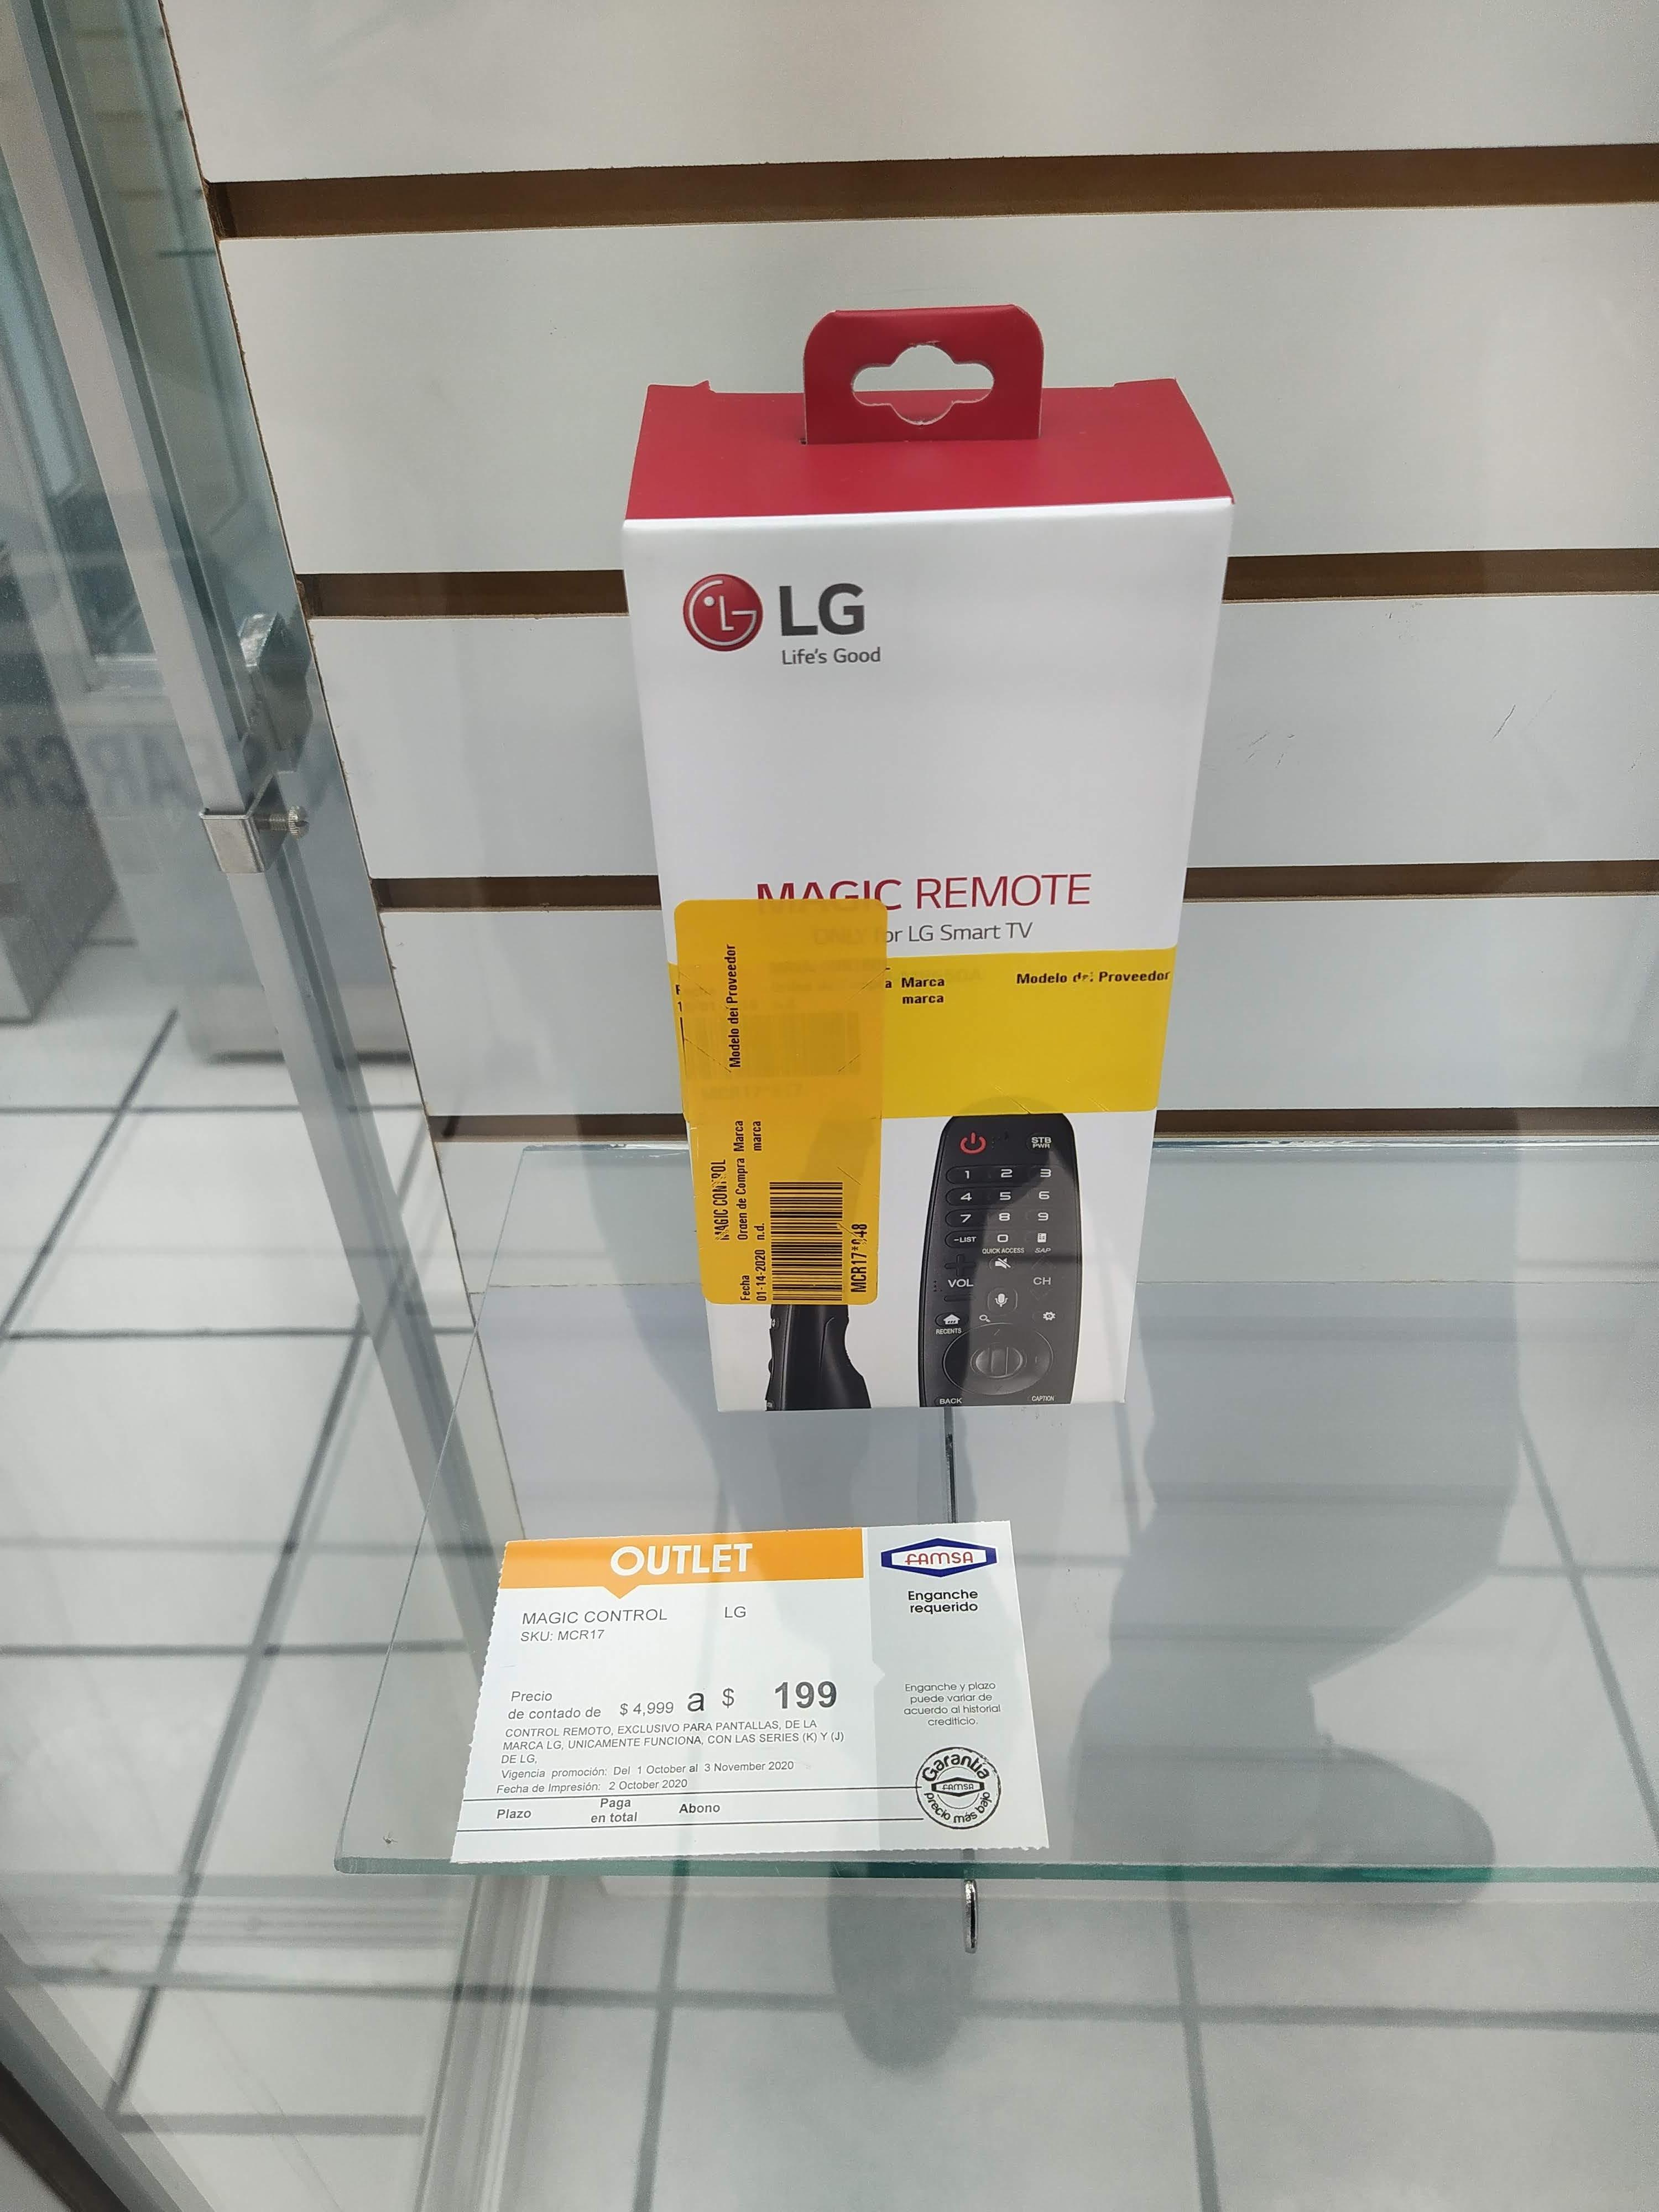 Famsa Sucursal Azcapotzalco centro CdMx y Famsa : LG Magic remote $199 y Sartenes Tefal c/3 $650